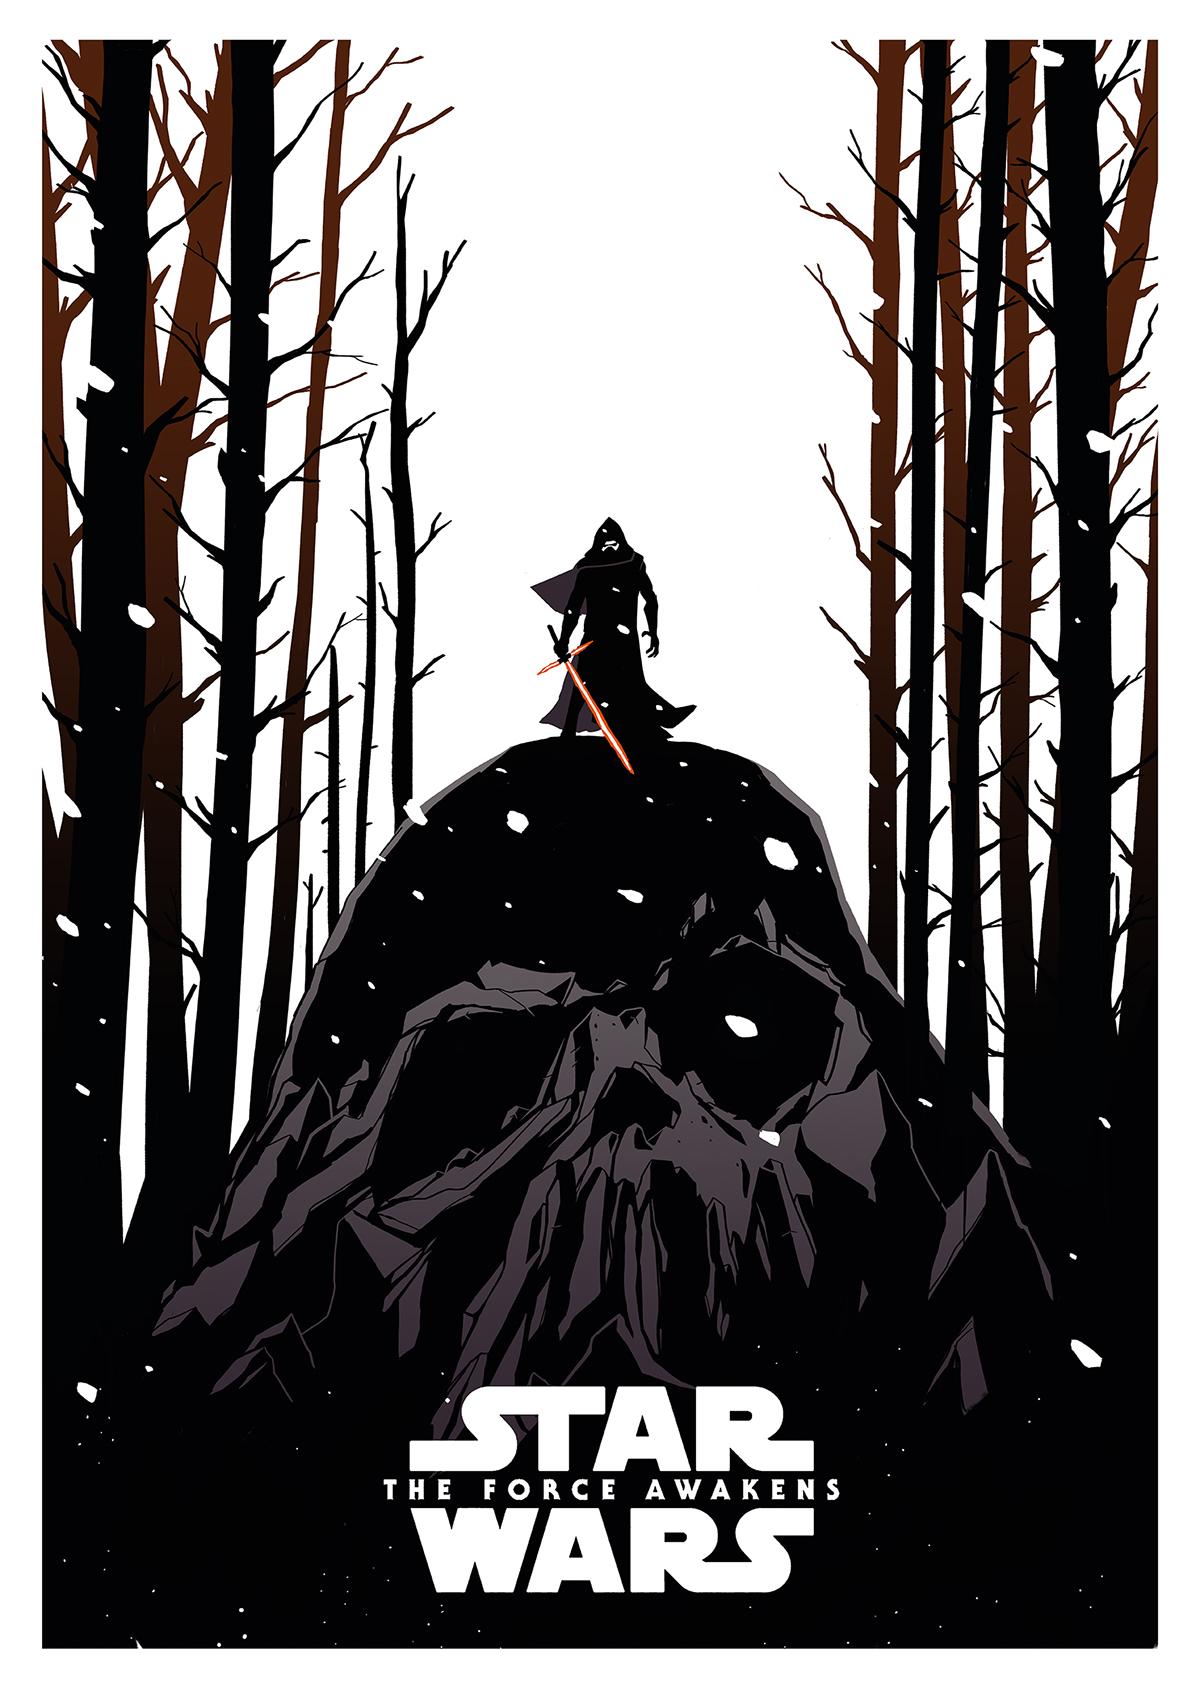 kylo ren star wars disney poster affiche alternative poster fanart